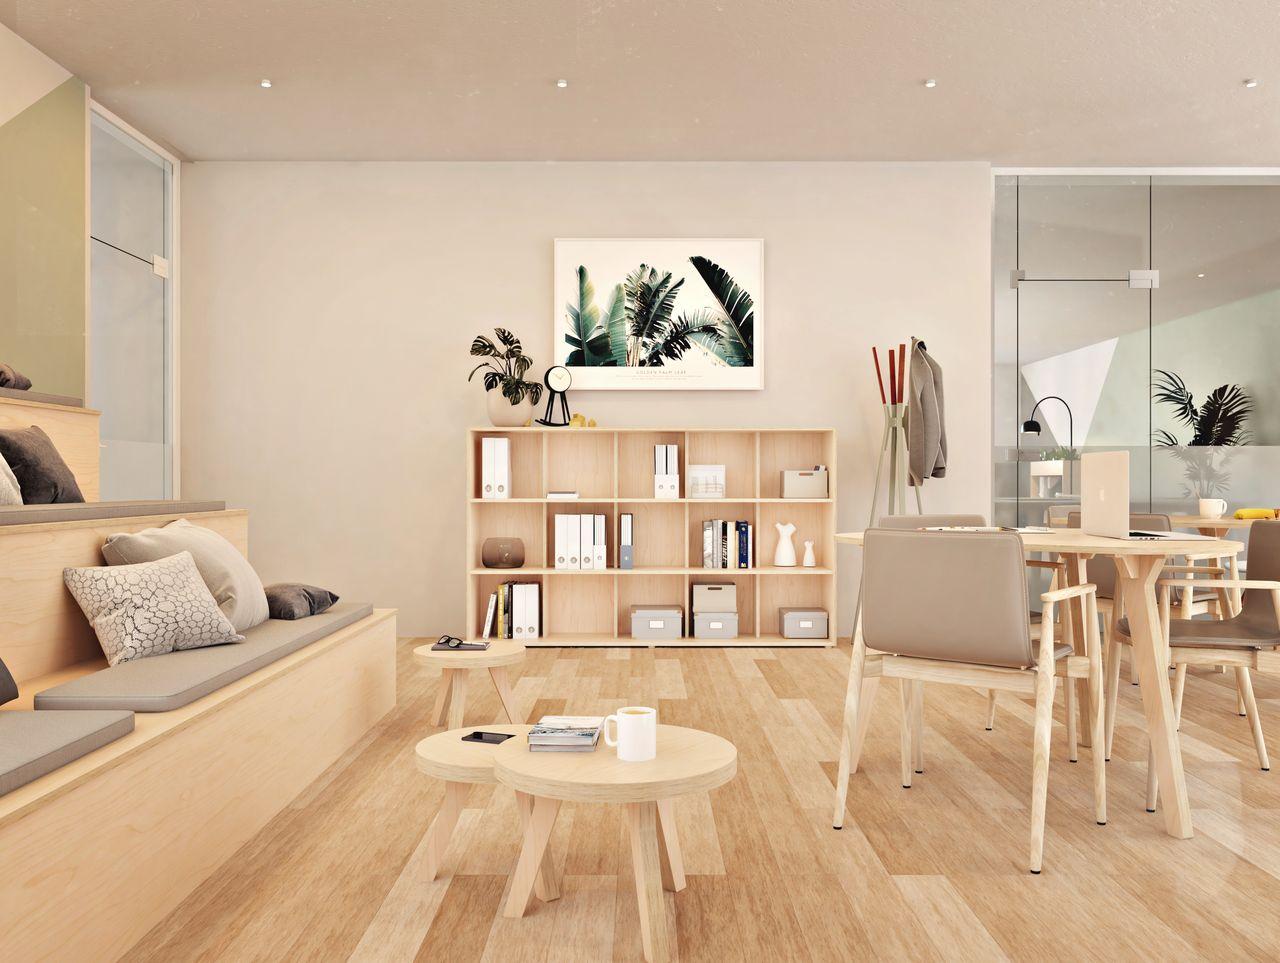 Bibliothèque en bois design servant de rangement dans un espace détente au style bohème ethnique aux tons neutres et modernes avec des tables basses, une estrade et des plantes vertes